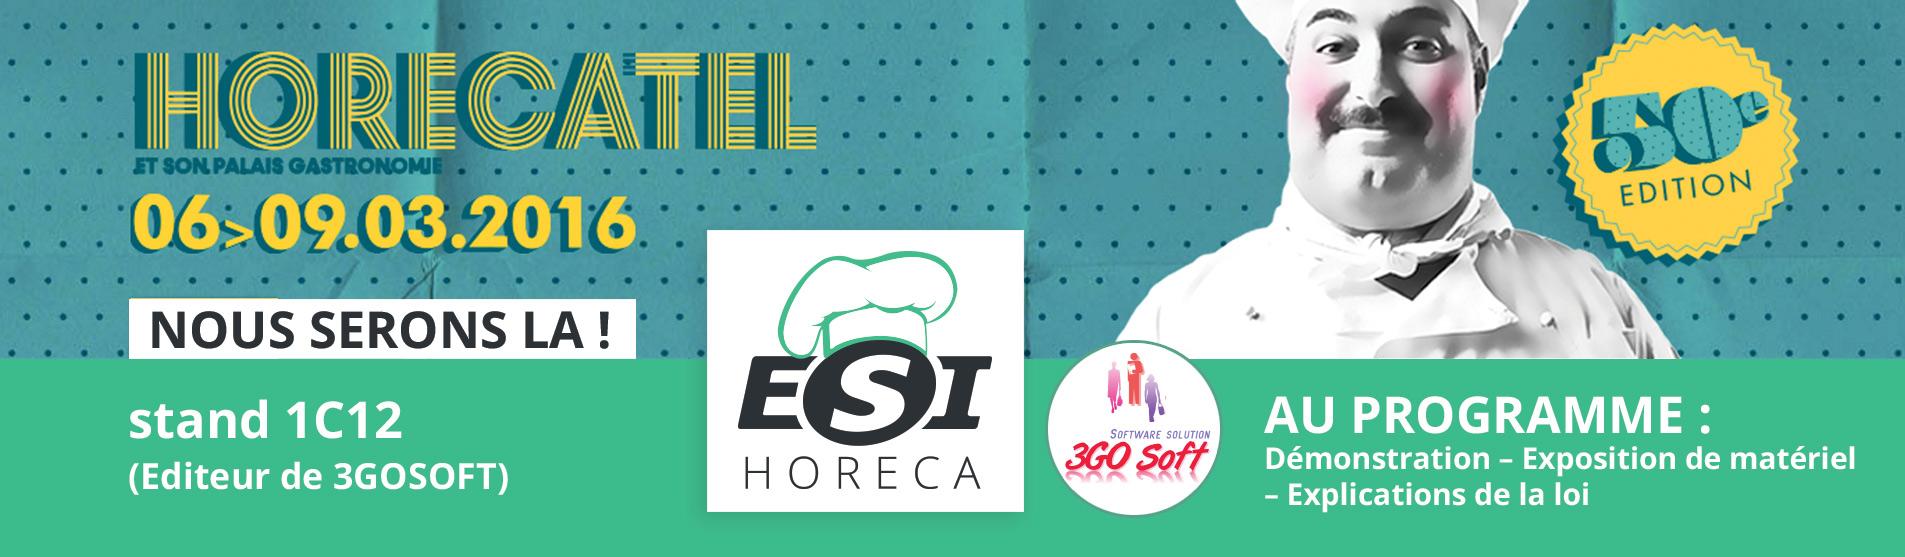 slide-Horecatel-2016